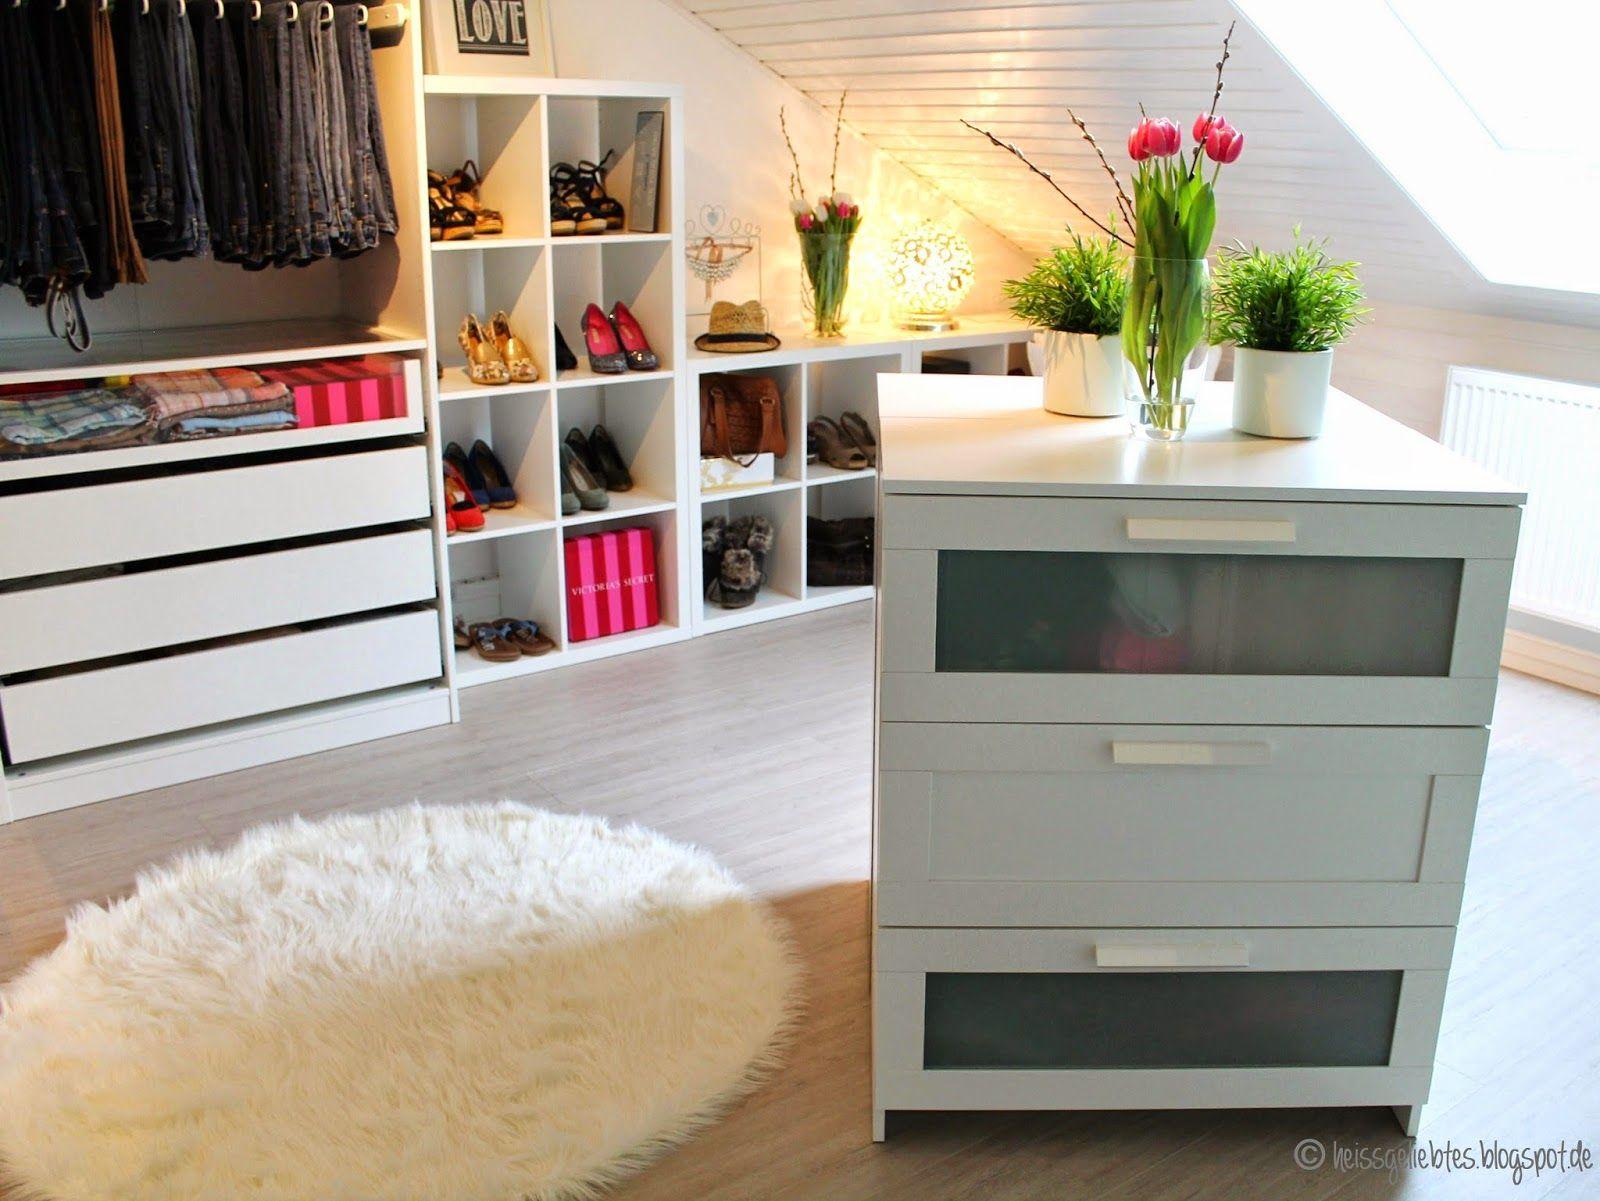 Ankleidezimmer ikea  Ein Mädchentraum - Das Ankleidezimmer Walk in closet PAX Ikea ...